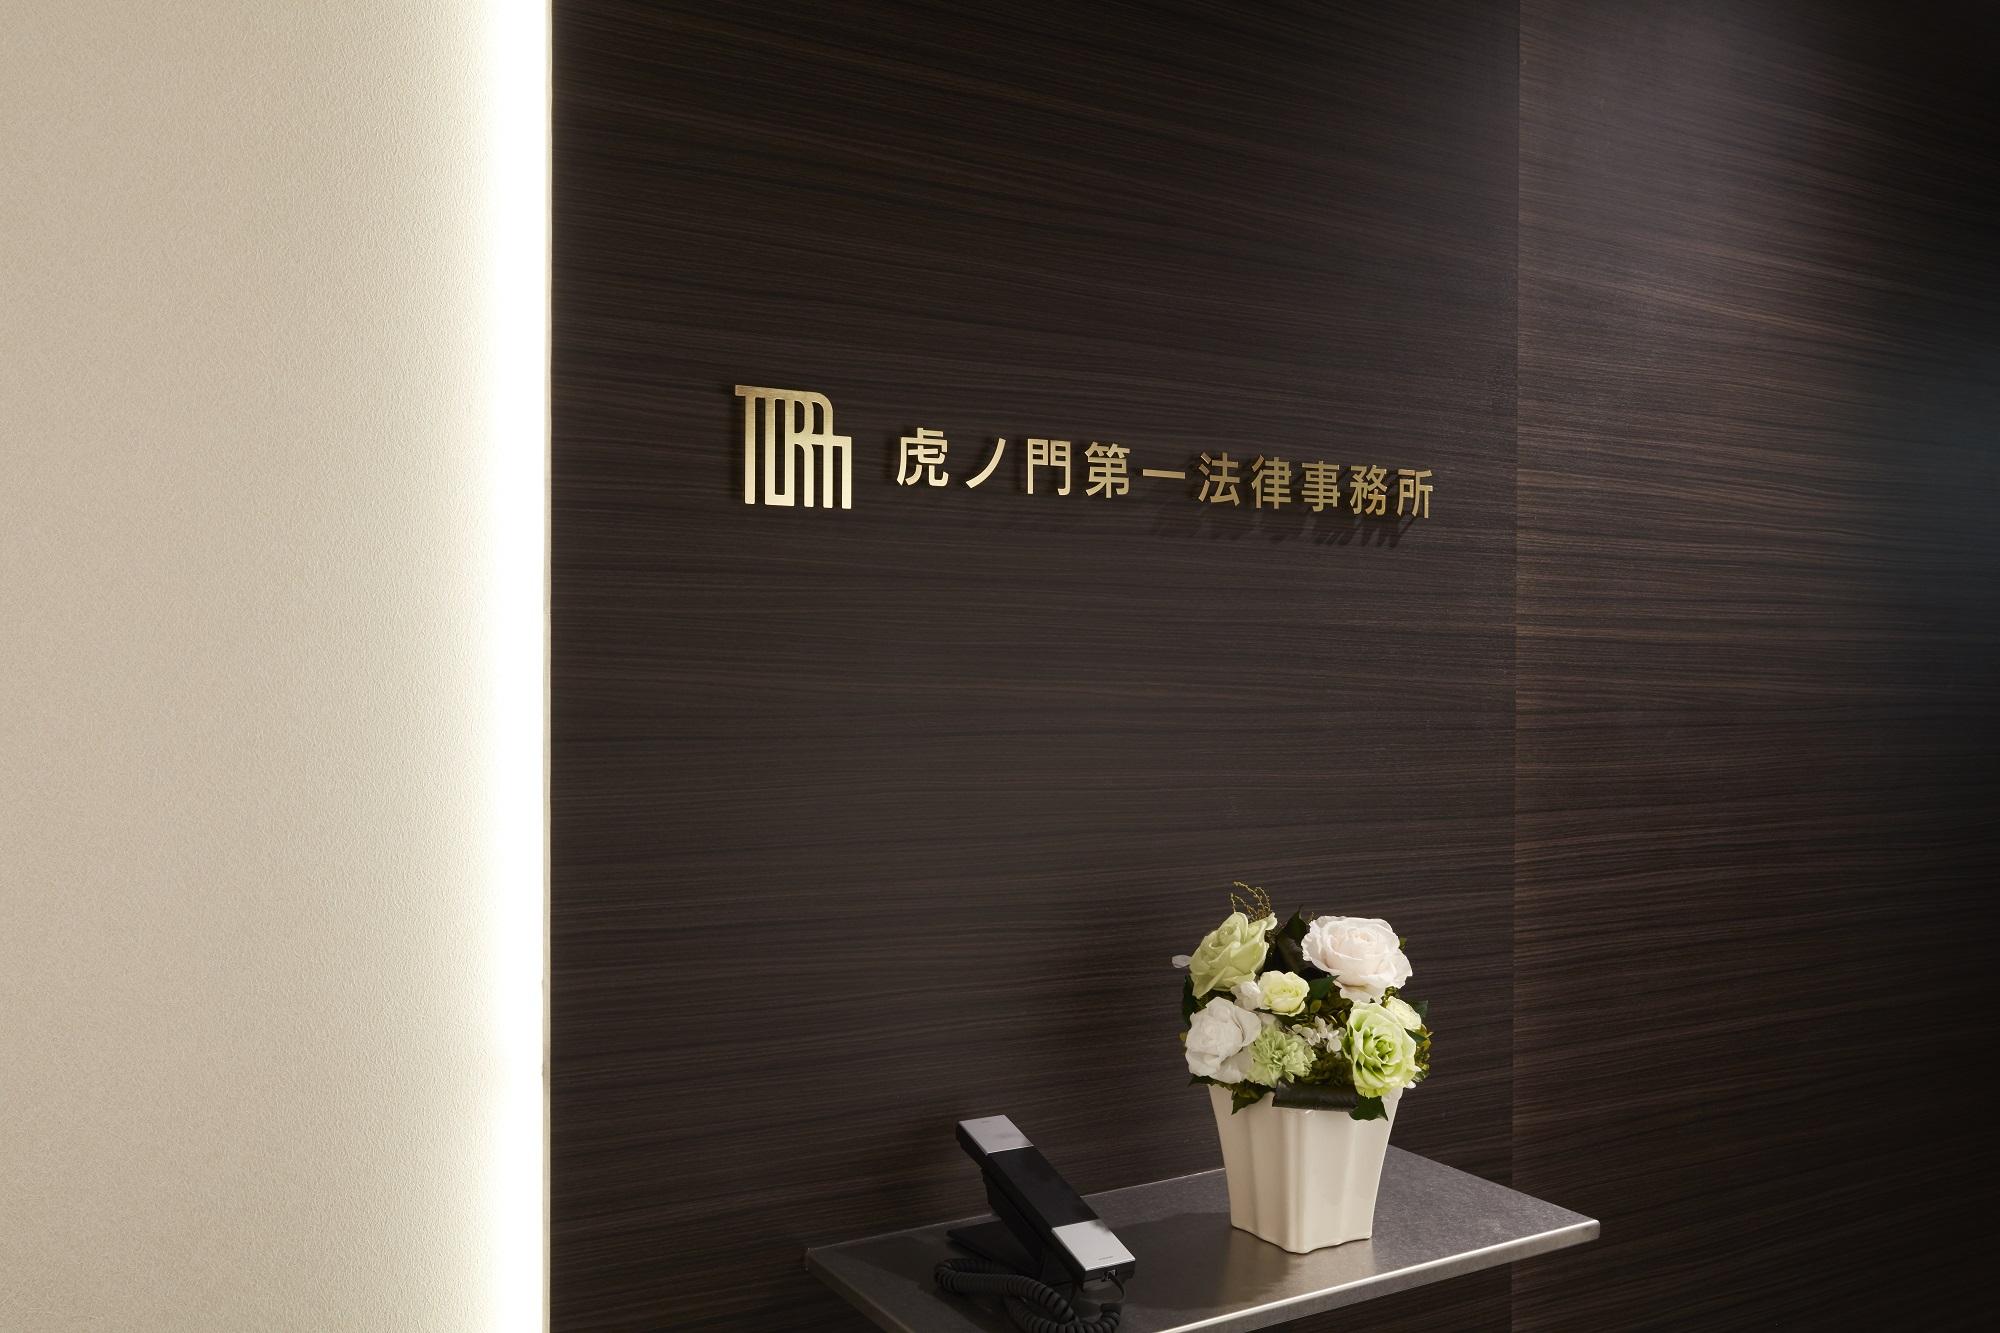 リッチなエントランスが魅力的…法律事務所のオフィスデザイン事例